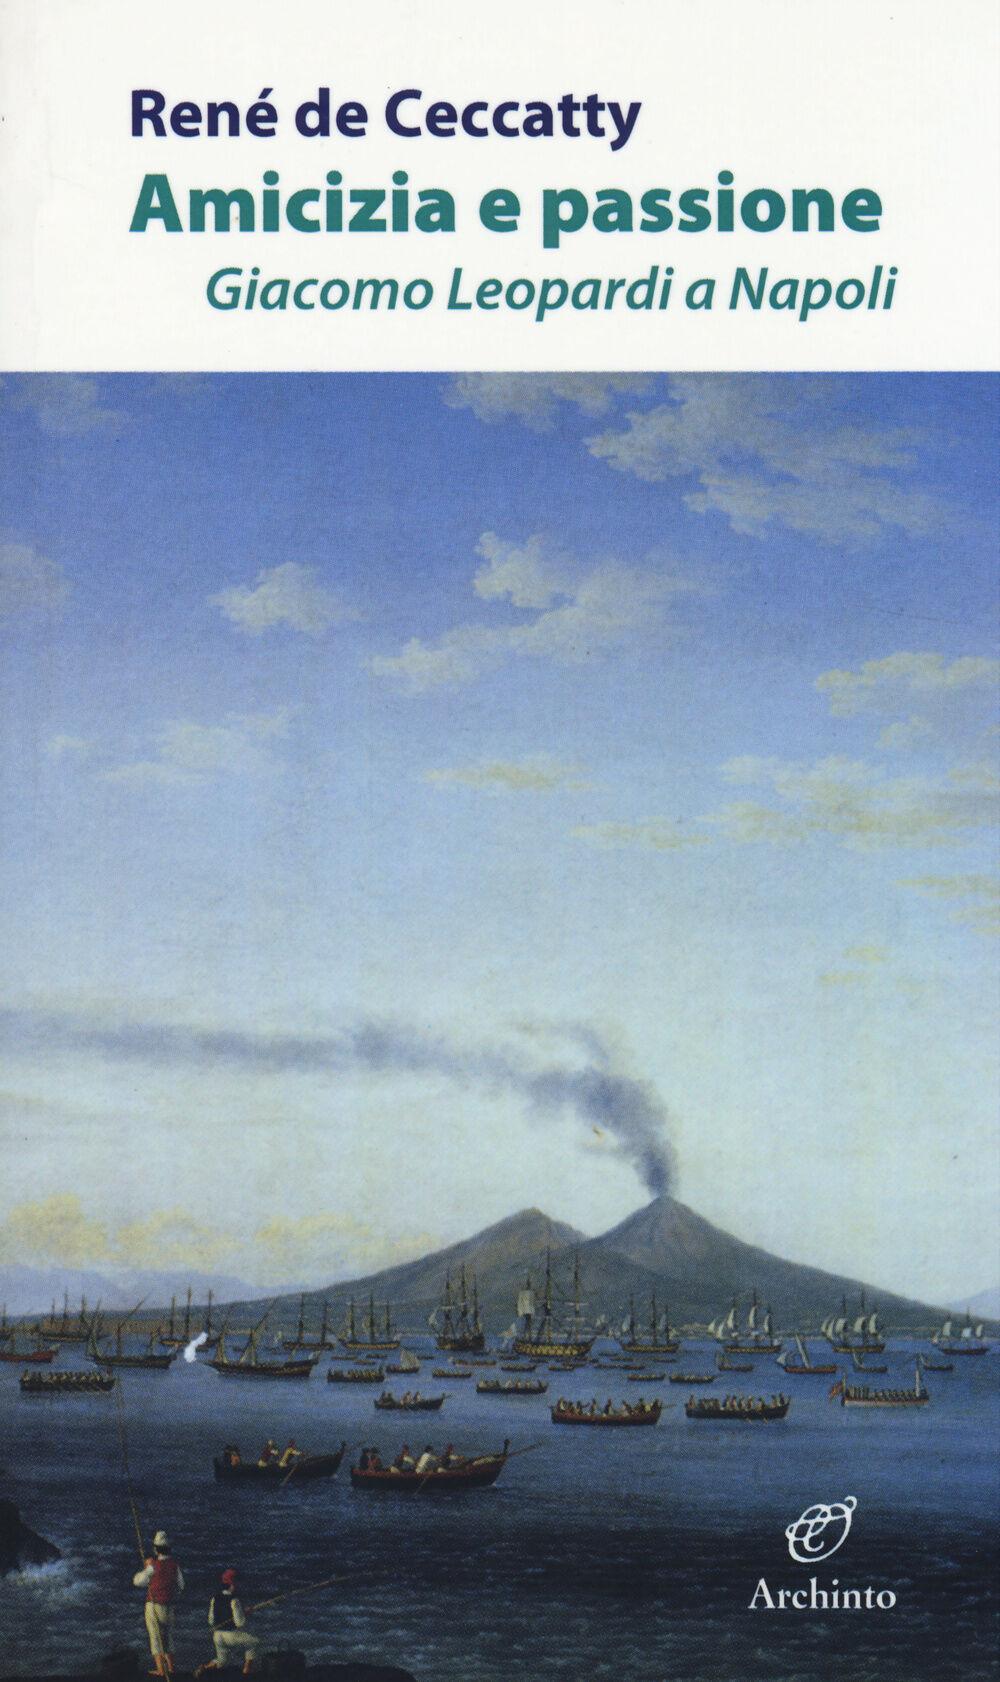 Amicizia e passione. Giacomo Leopardi a Napoli